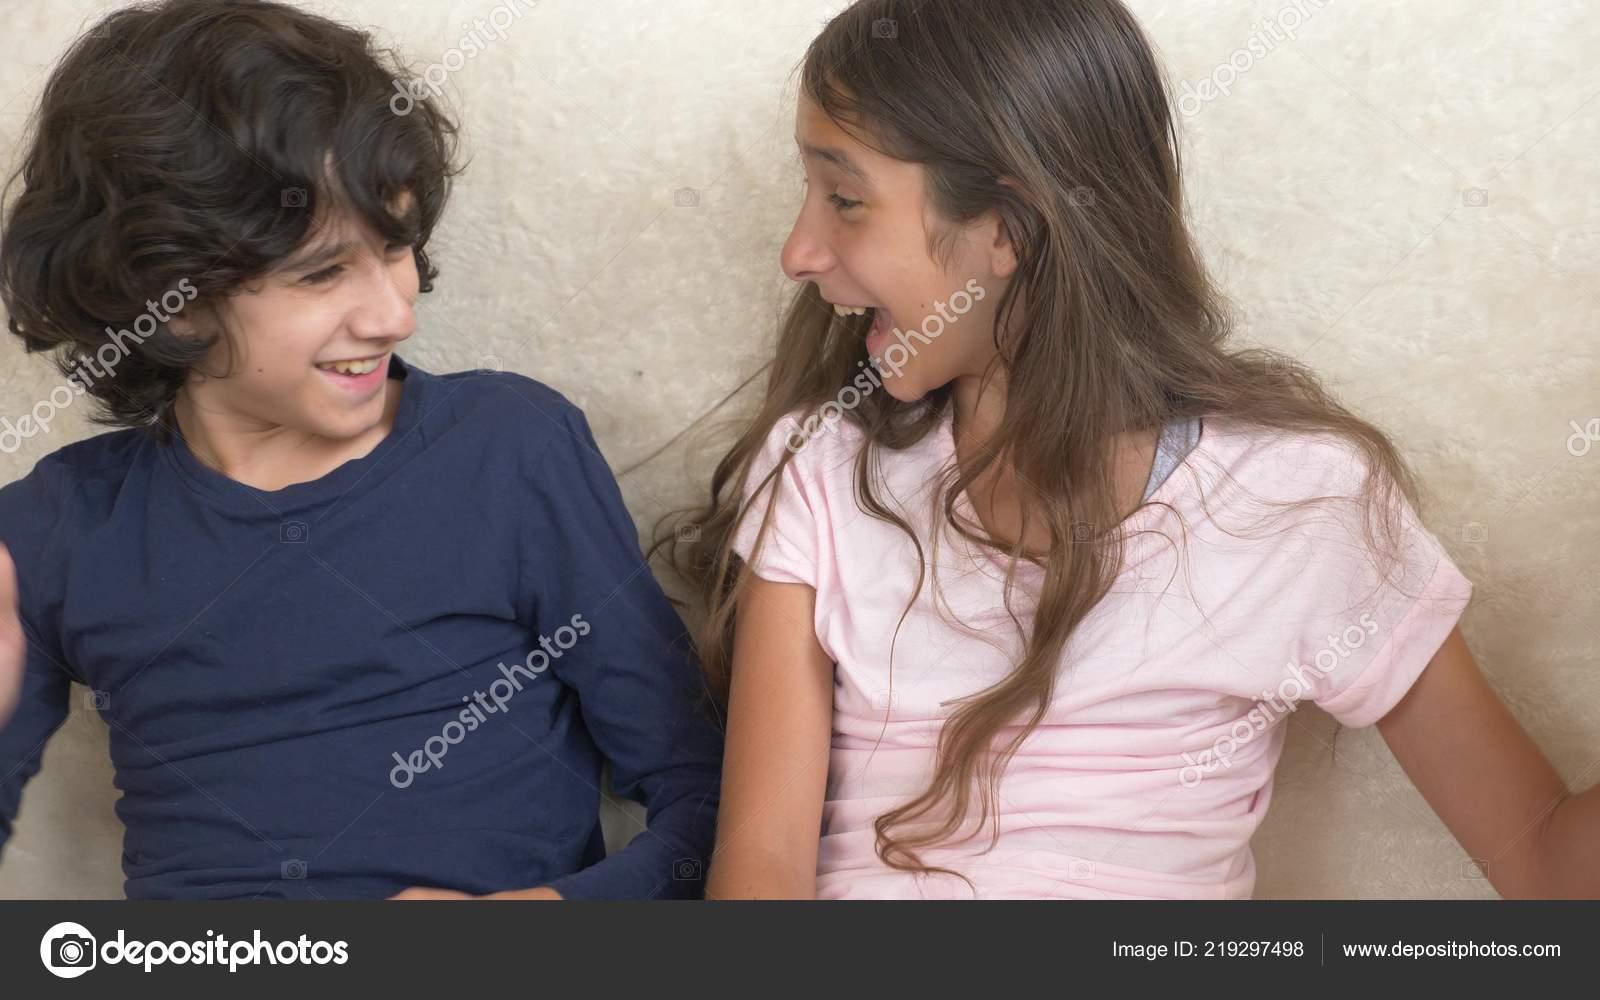 Старший брат оттрахал младшую сестру, Тощий парень ебет старшую сестру смотреть порно 19 фотография